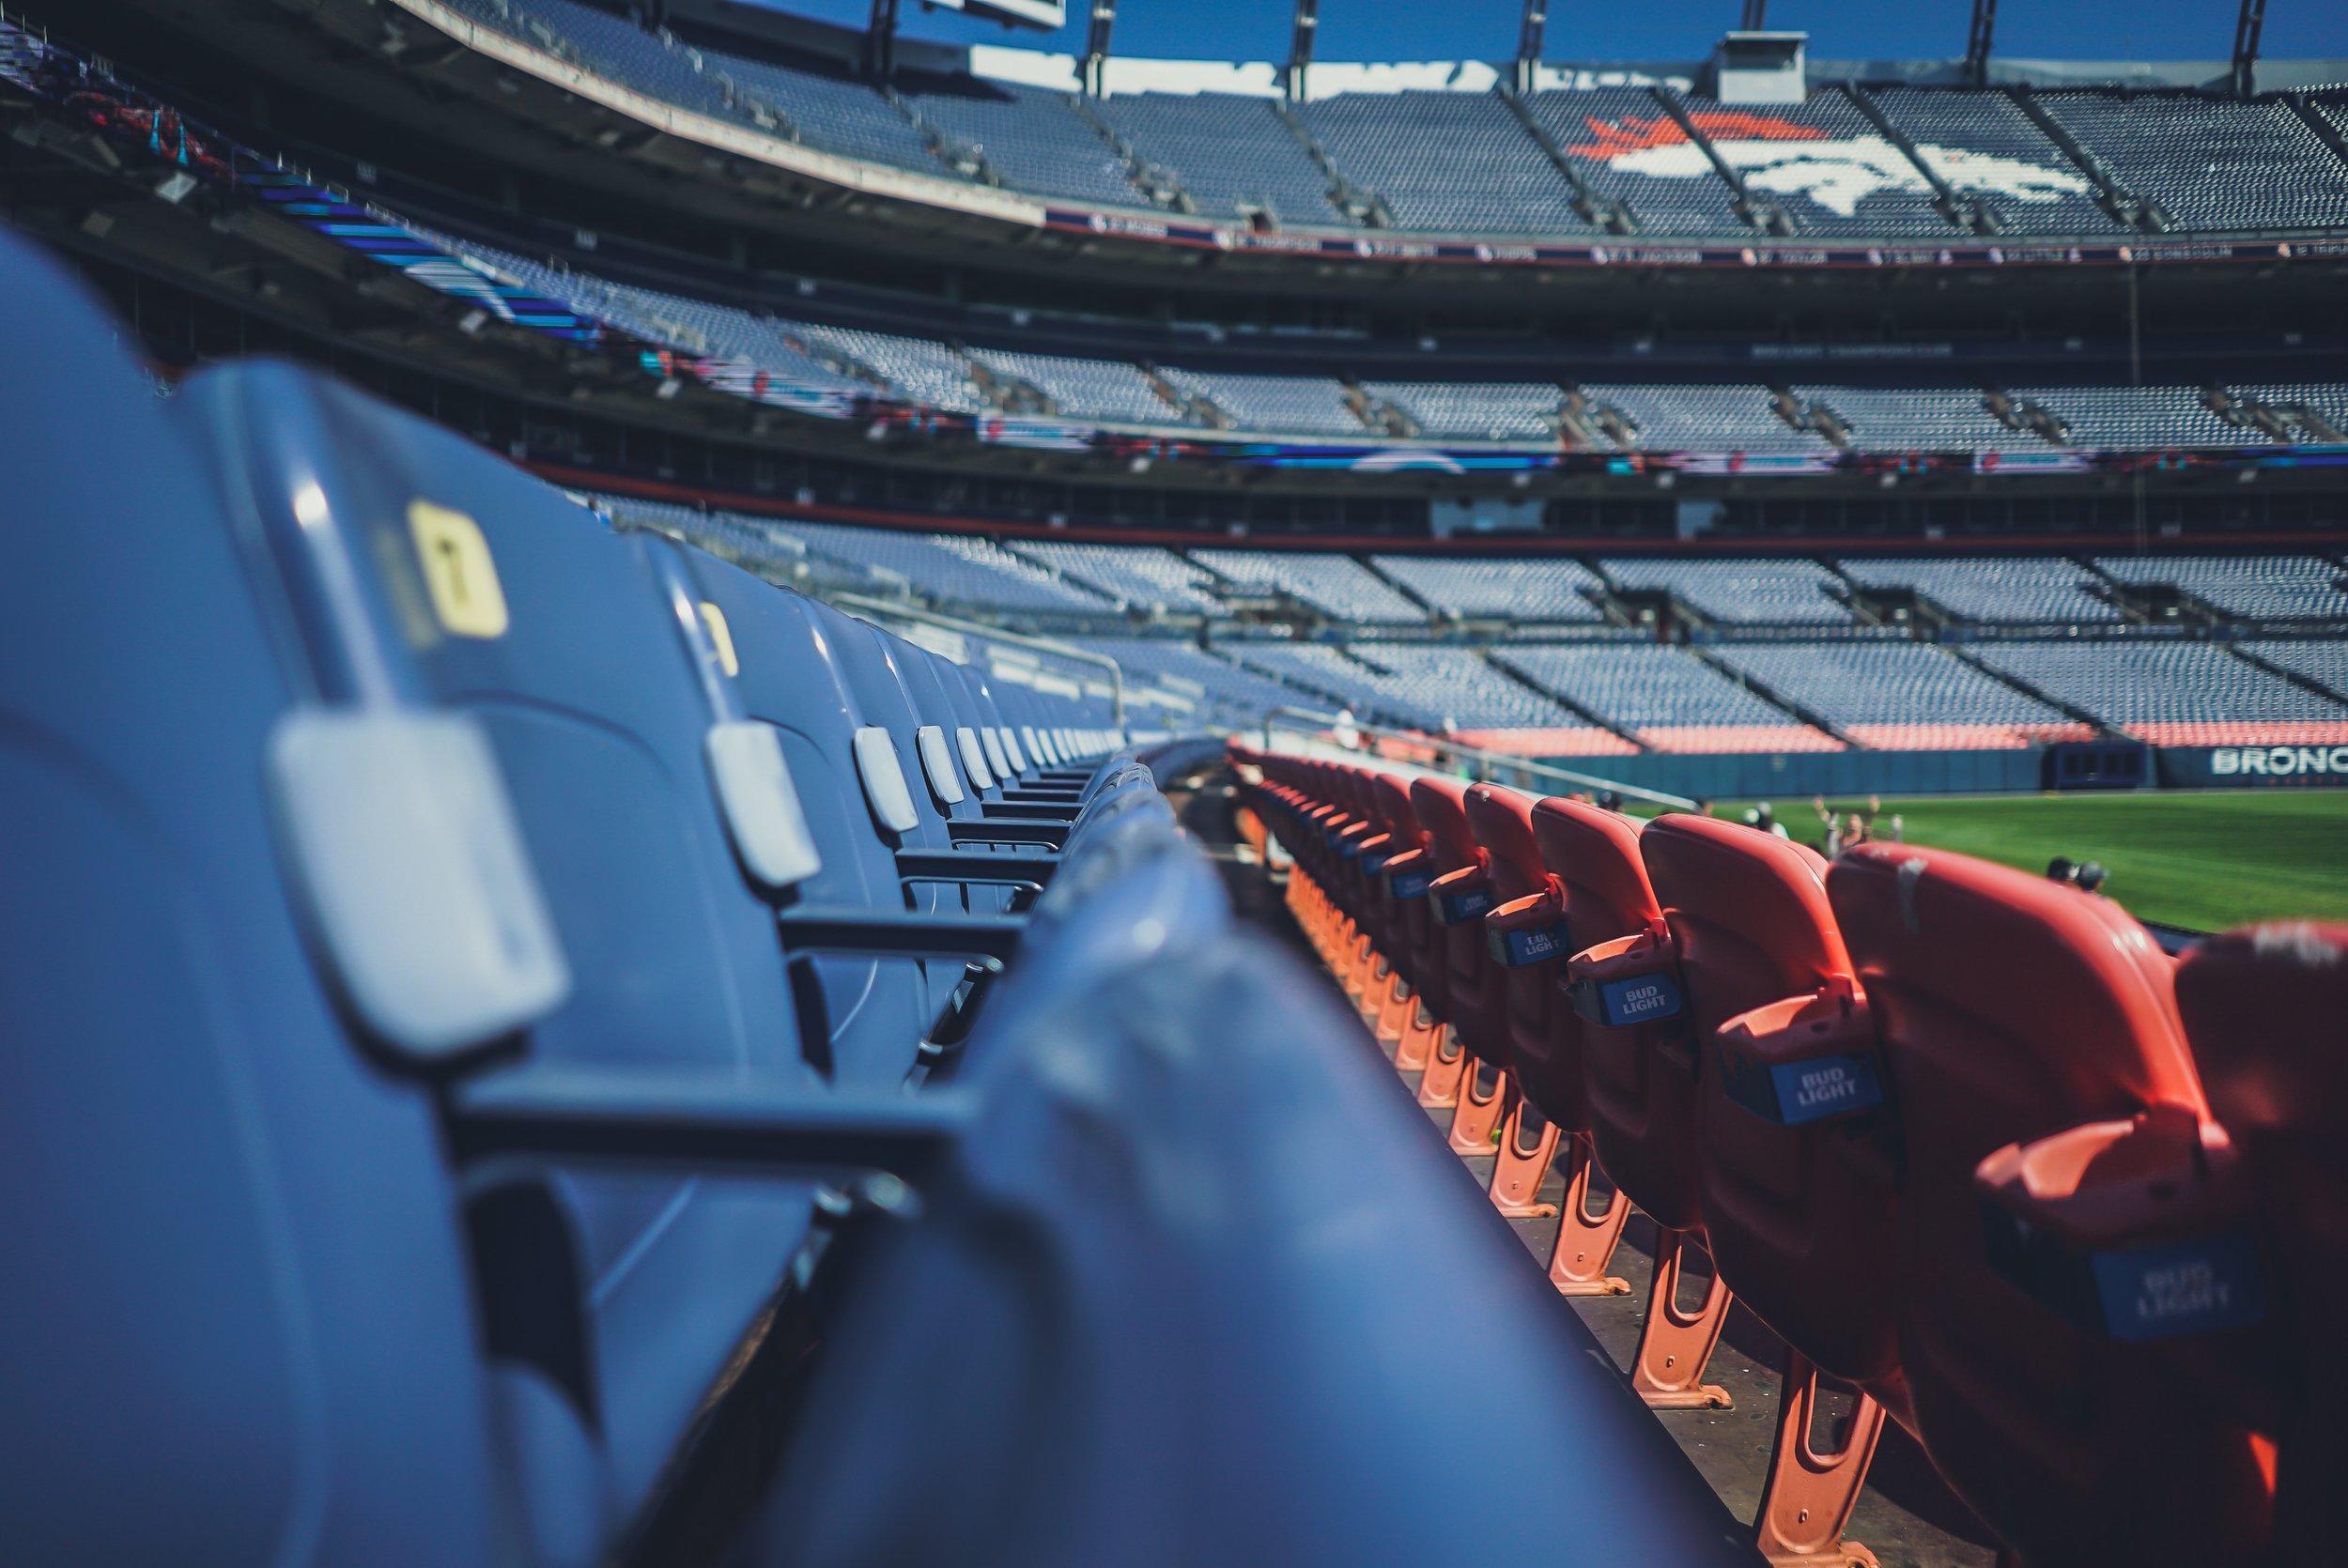 stadium chairs.jpg